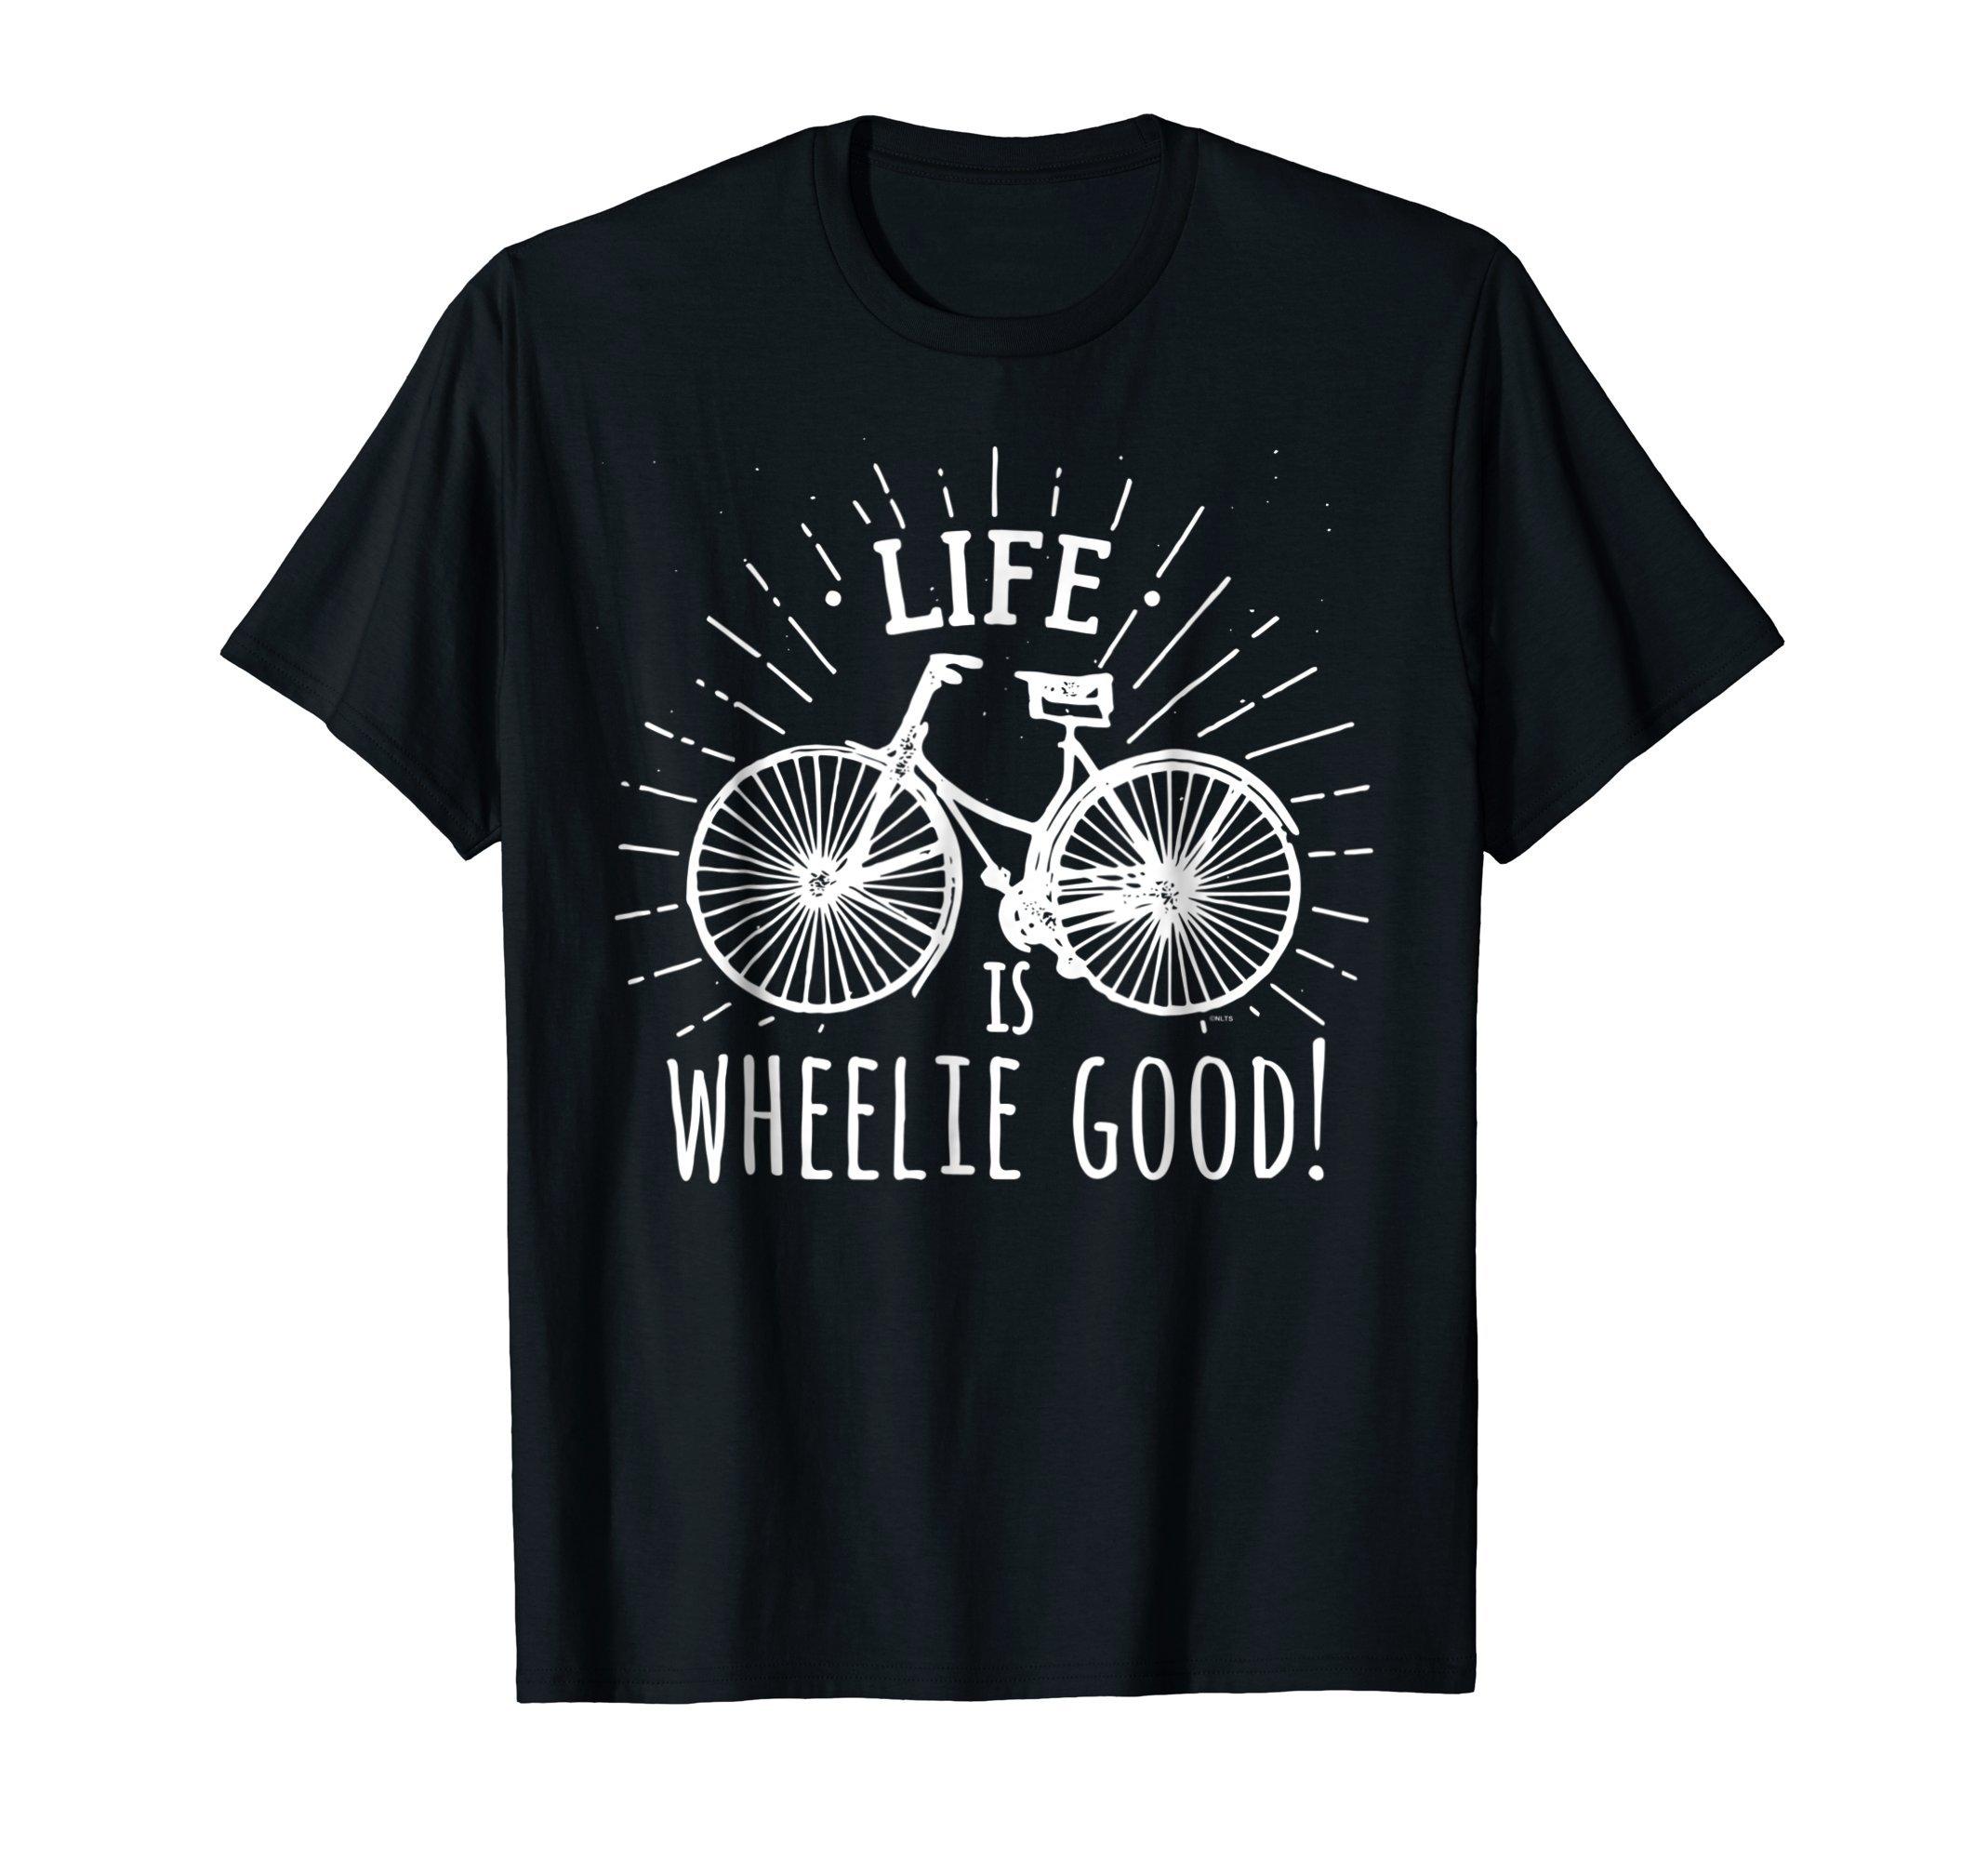 Life-is-wheelie-good-Bicycle-T-Shirt-Tee-Shirt-Gift-Pun